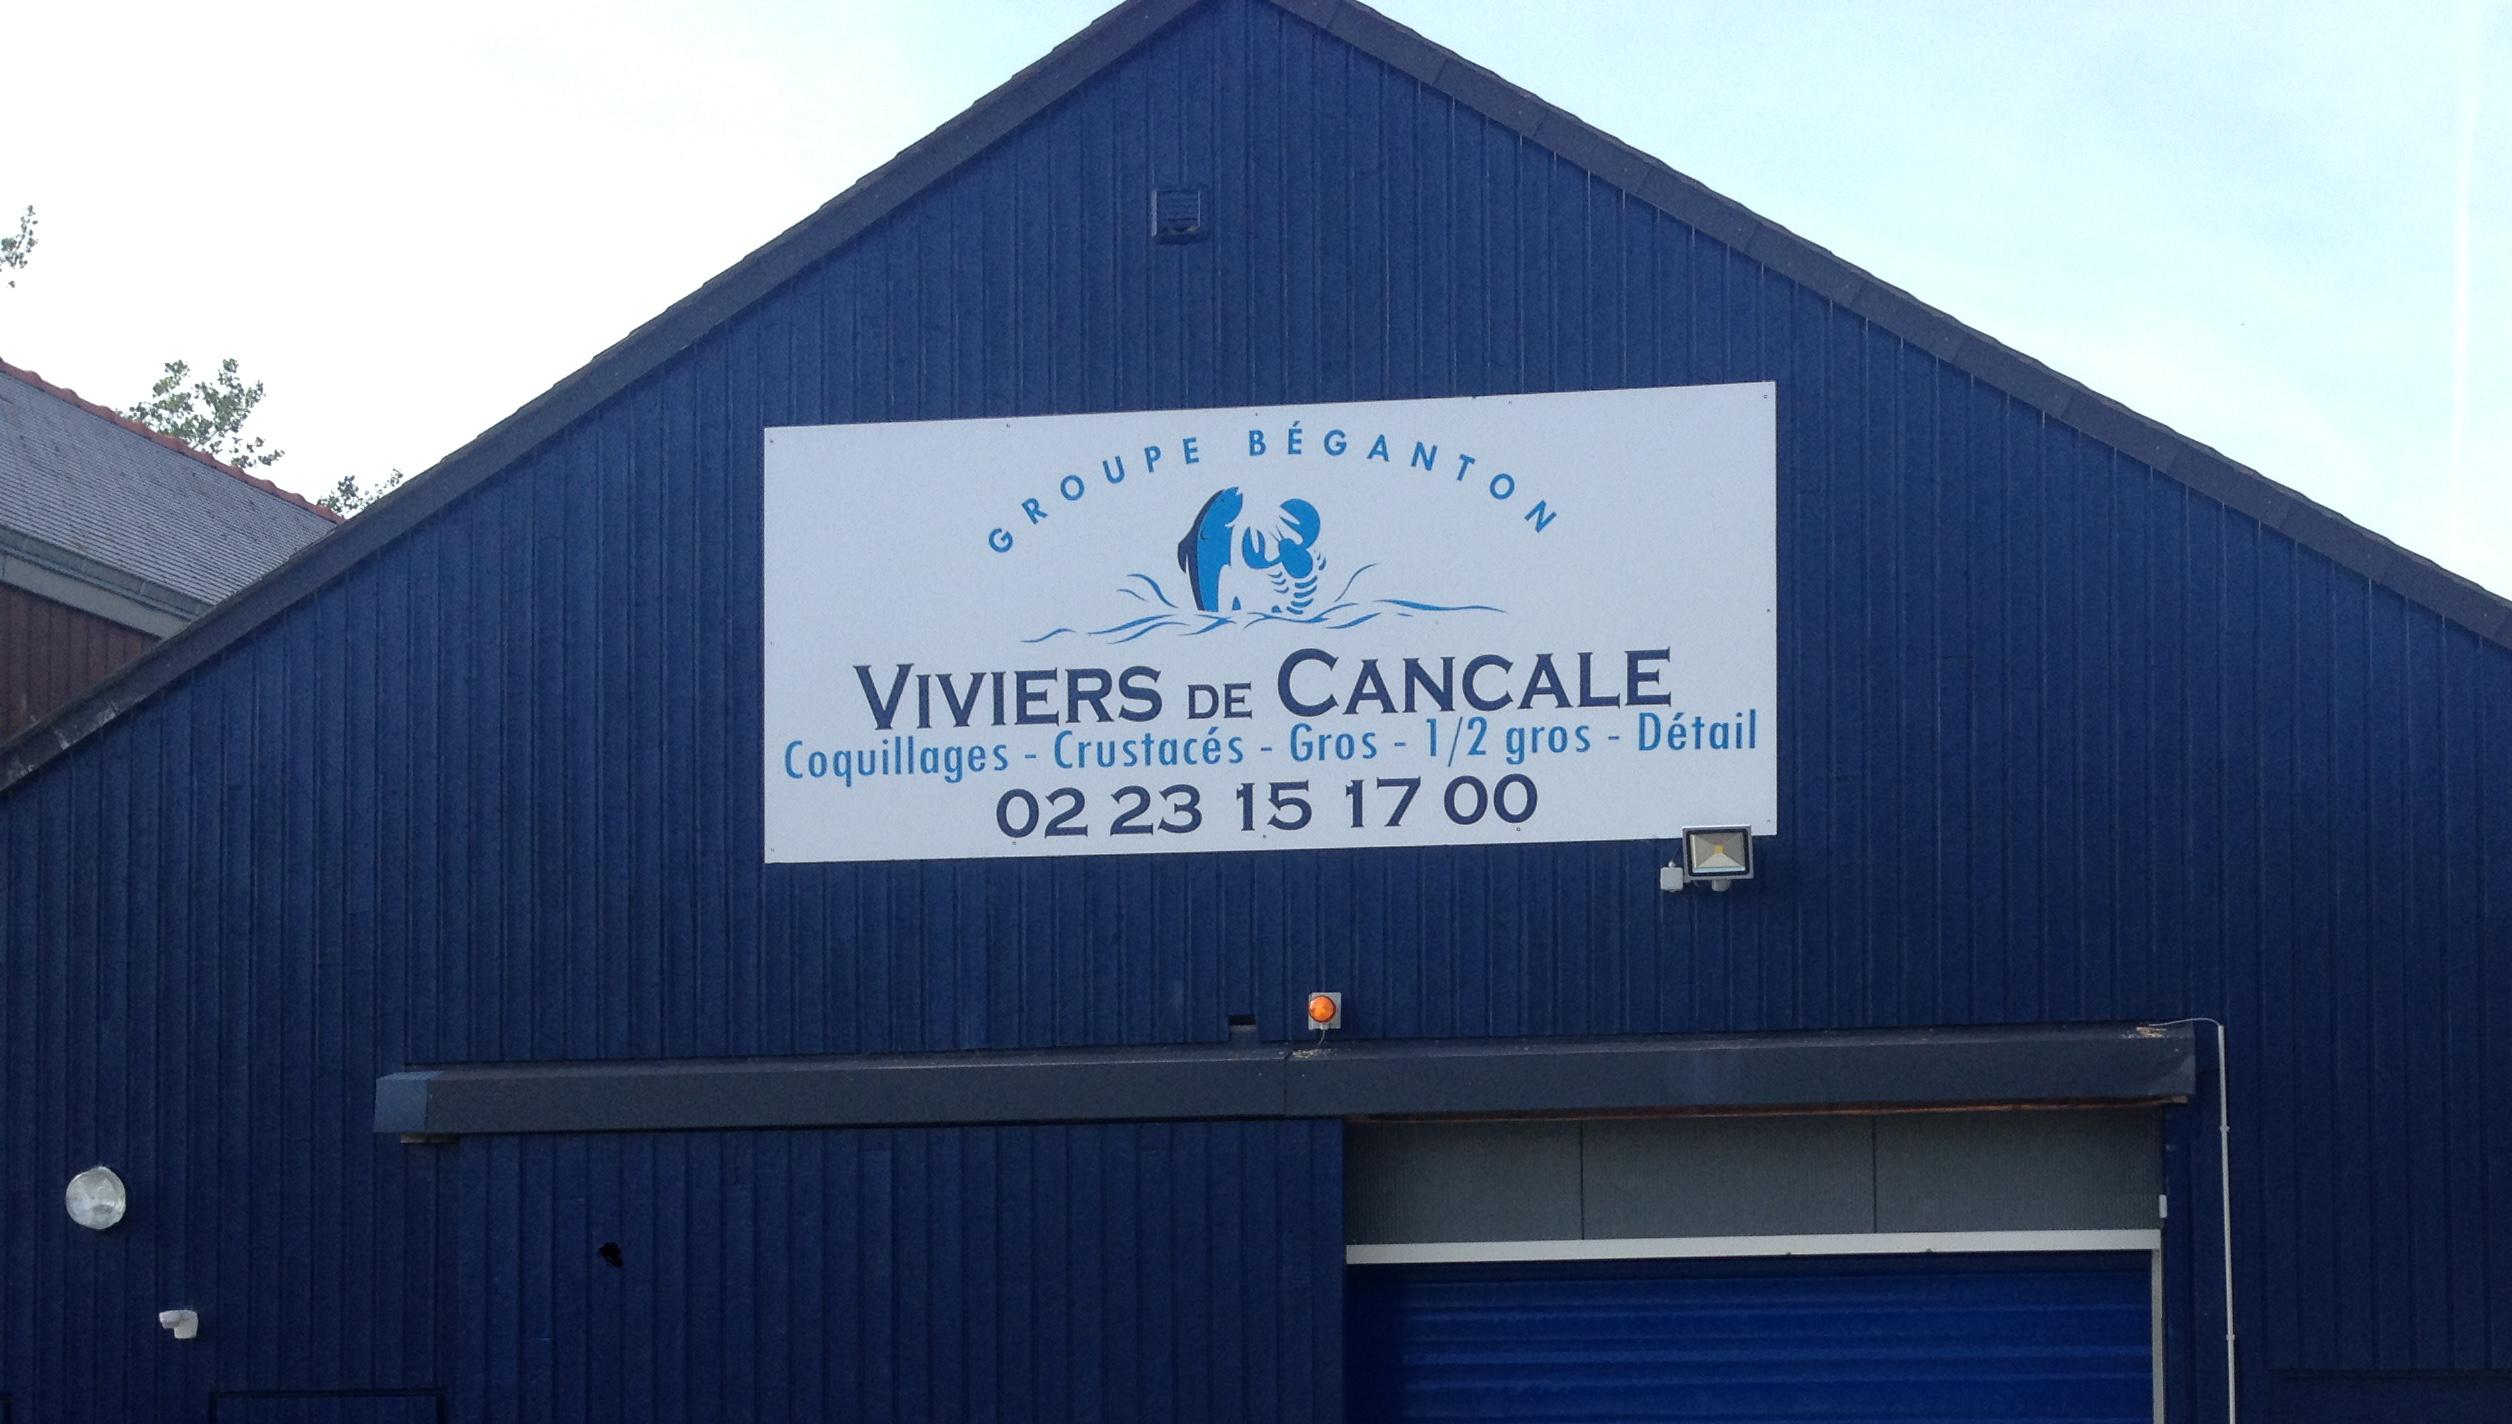 Le renouveau des Viviers de Cancale